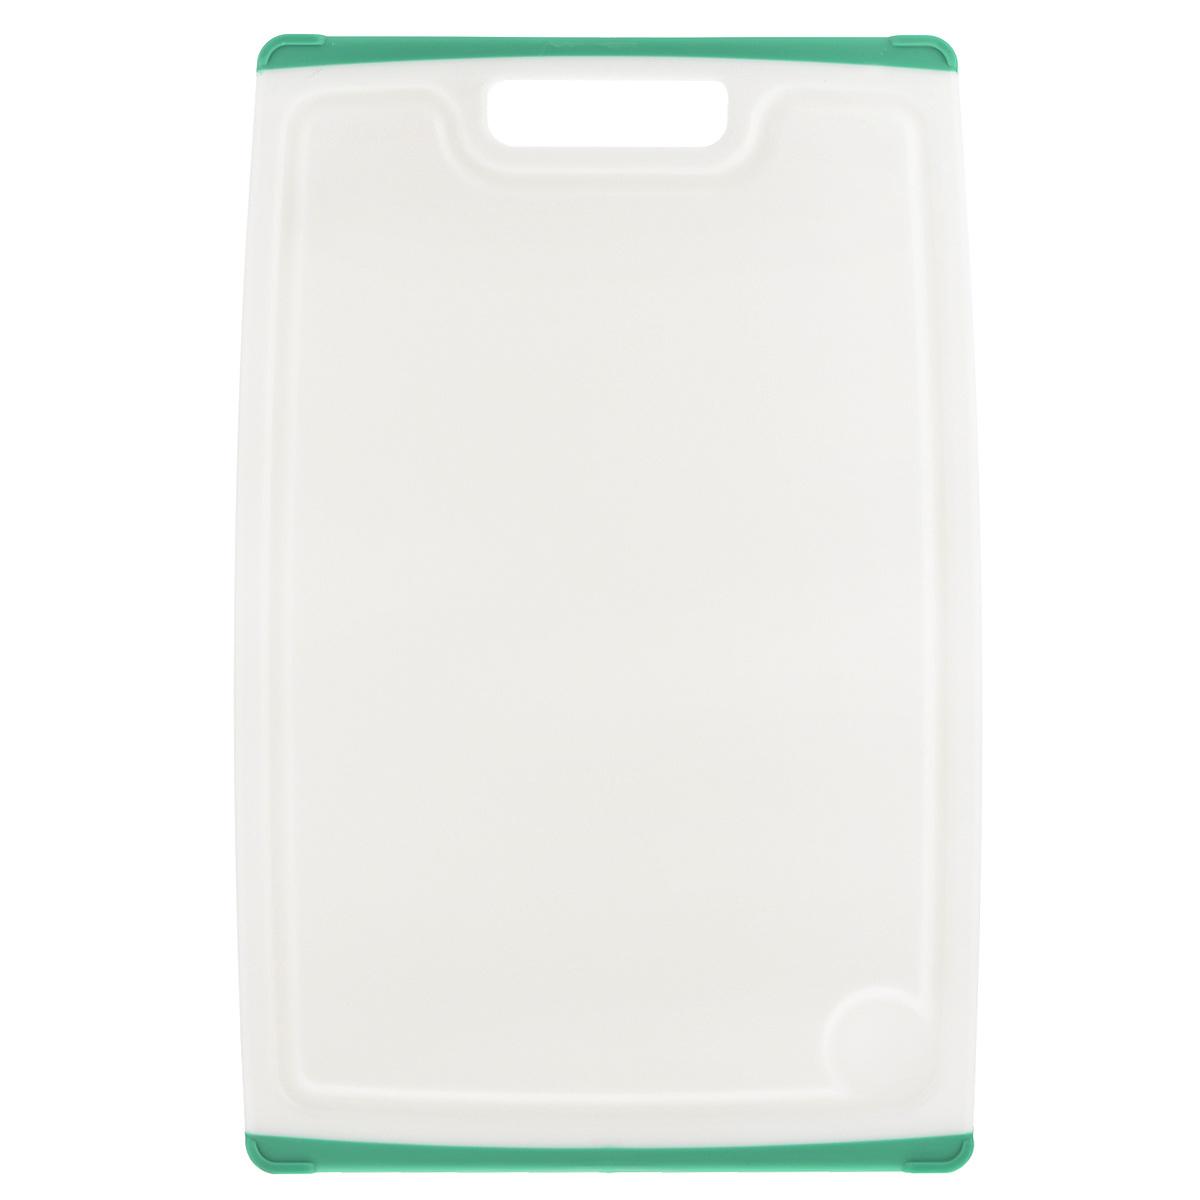 Доска разделочная Tescoma Cosmo, цвет: зеленый, 30 см х 20 см379212Разделочная доска Tescoma Cosmo, изготовленная из высококачественного прочного пластика, станет незаменимым атрибутом приготовления пищи. Она идеально подходит для разделки мяса, рыбы, приготовления теста и нарезки любых продуктов. А особый дизайн краев с желобком способствует задерживанию жидкостей и остатков продуктов. Изделие оснащено прорезиненными цветными вставками с двух сторон для предотвращения скольжения по столу. Доска предназначена для ежедневного интенсивного использования. Не затупляет лезвия. Современный стильный дизайн и функциональность разделочной доски Tescoma Cosmo, позволит занять ей достойное место на вашей кухне. Можно мыть в посудомоечной машине.